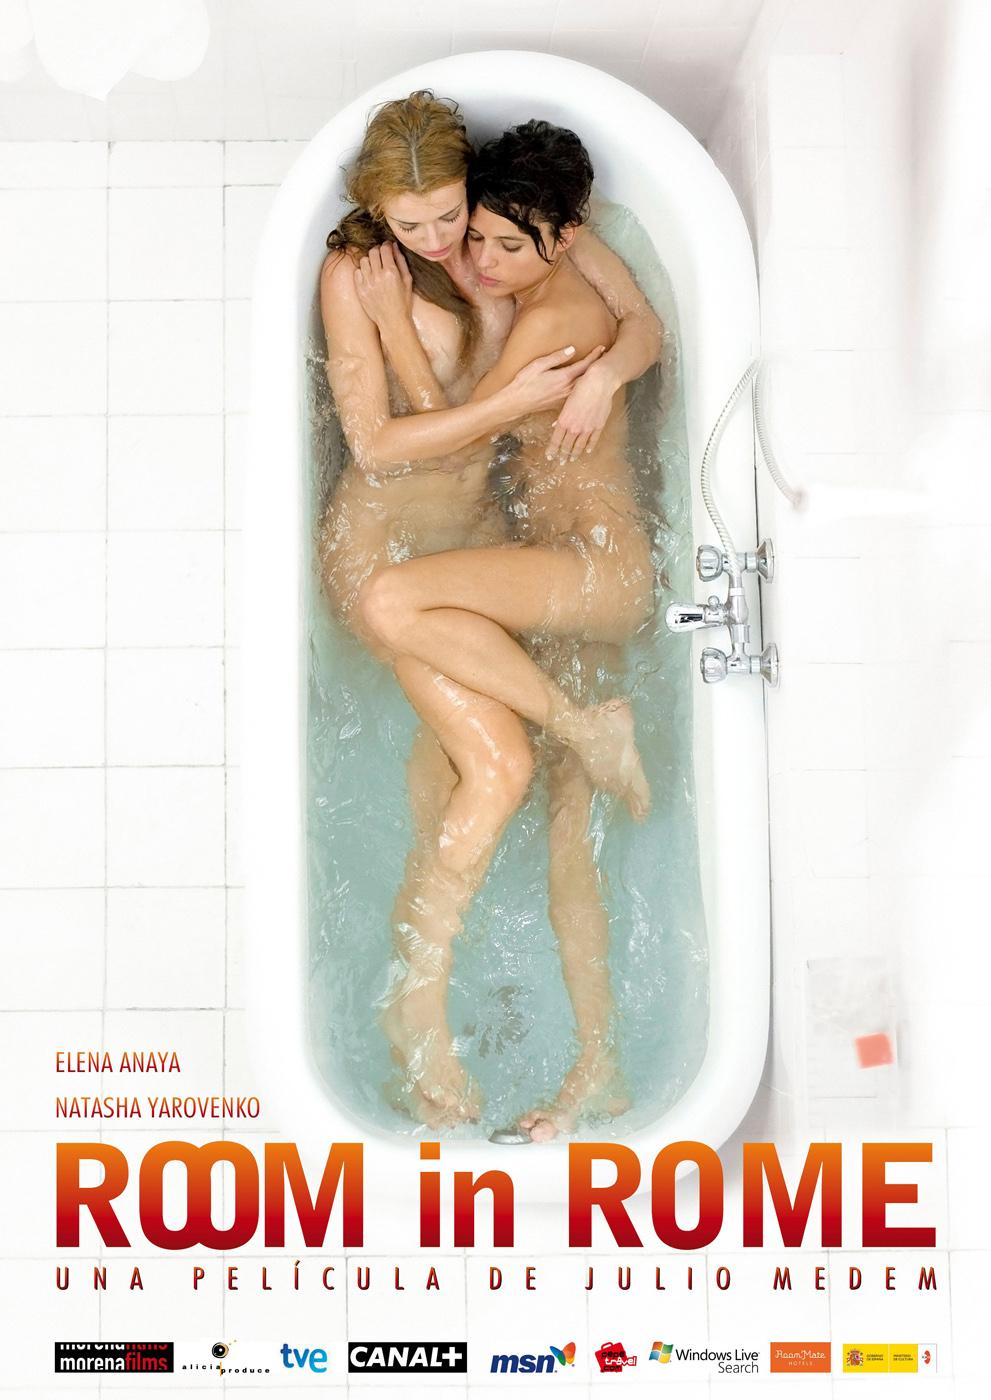 Комната в Риме смотреть онлайн. Laura Meizoso. Найва Нимри.